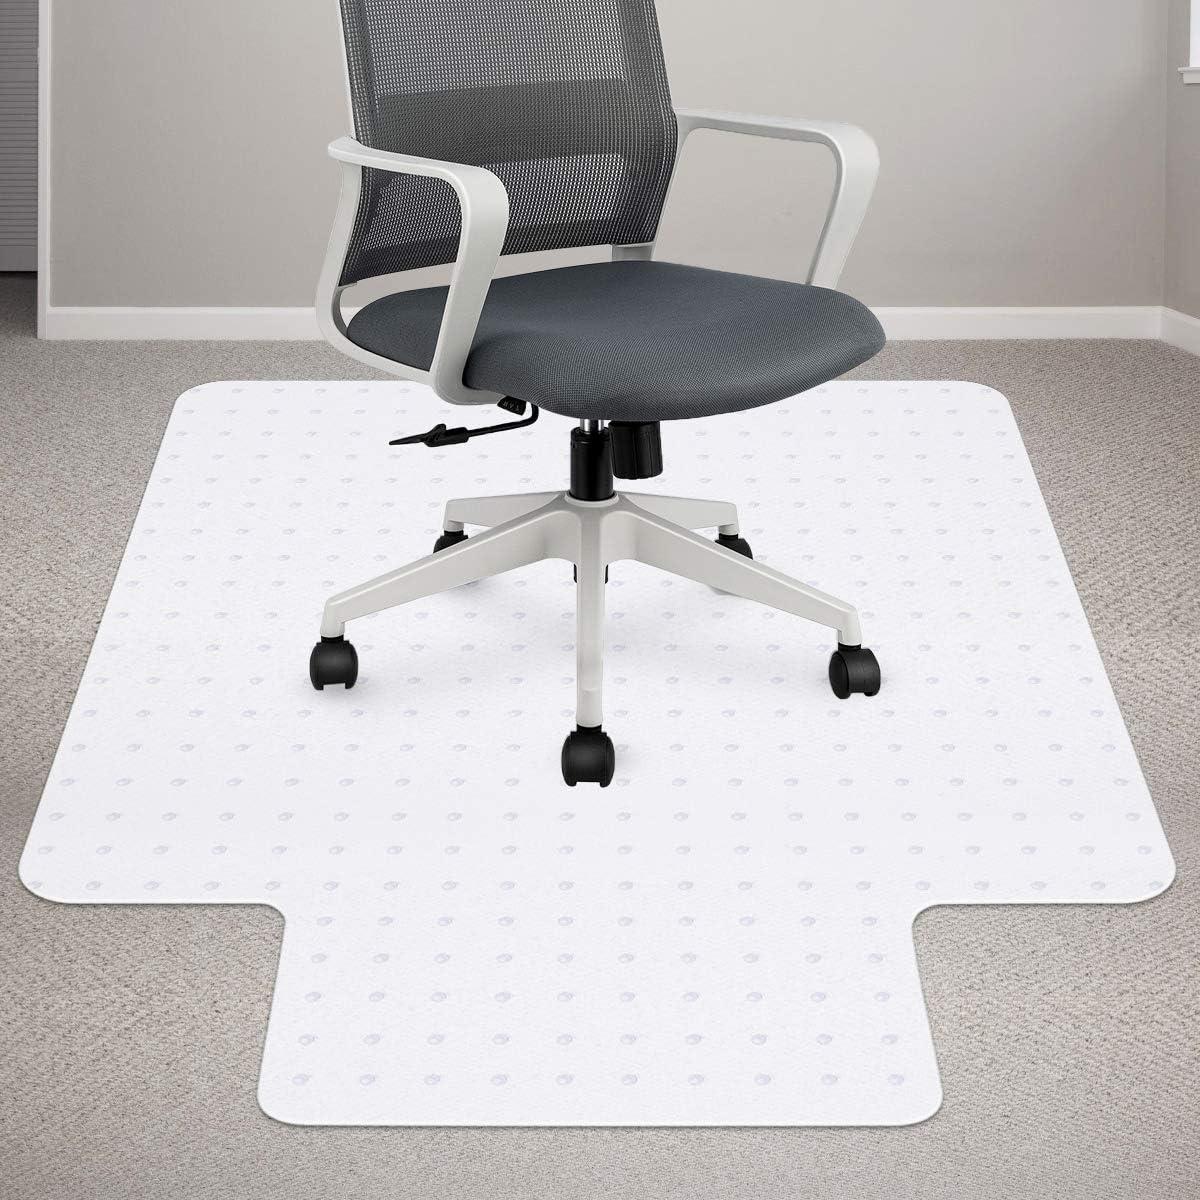 자 매트 바닥 카펫 36×48 인치 프리미엄 자료의 자 매트와 입술을 쉽게 활공 투명한 매트에 대한 의자 좋은 책상 지면 매트 OFFICE